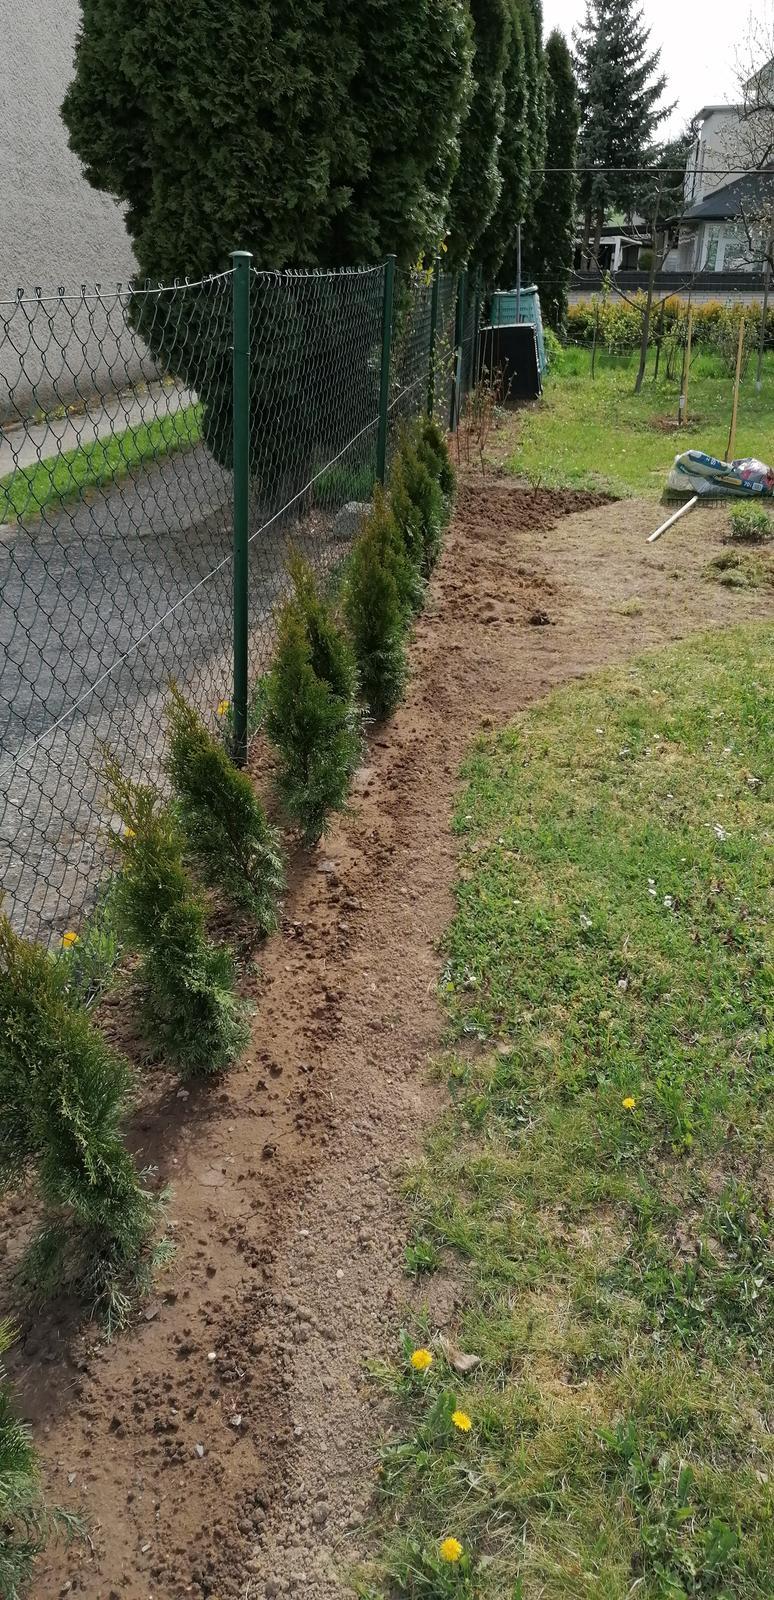 """Naše malé """"pole neorané"""" :o) záhradka 2. rok - Zasadili sme k plotu tuje, snáď časom zabezpečia trošku súkromia..."""